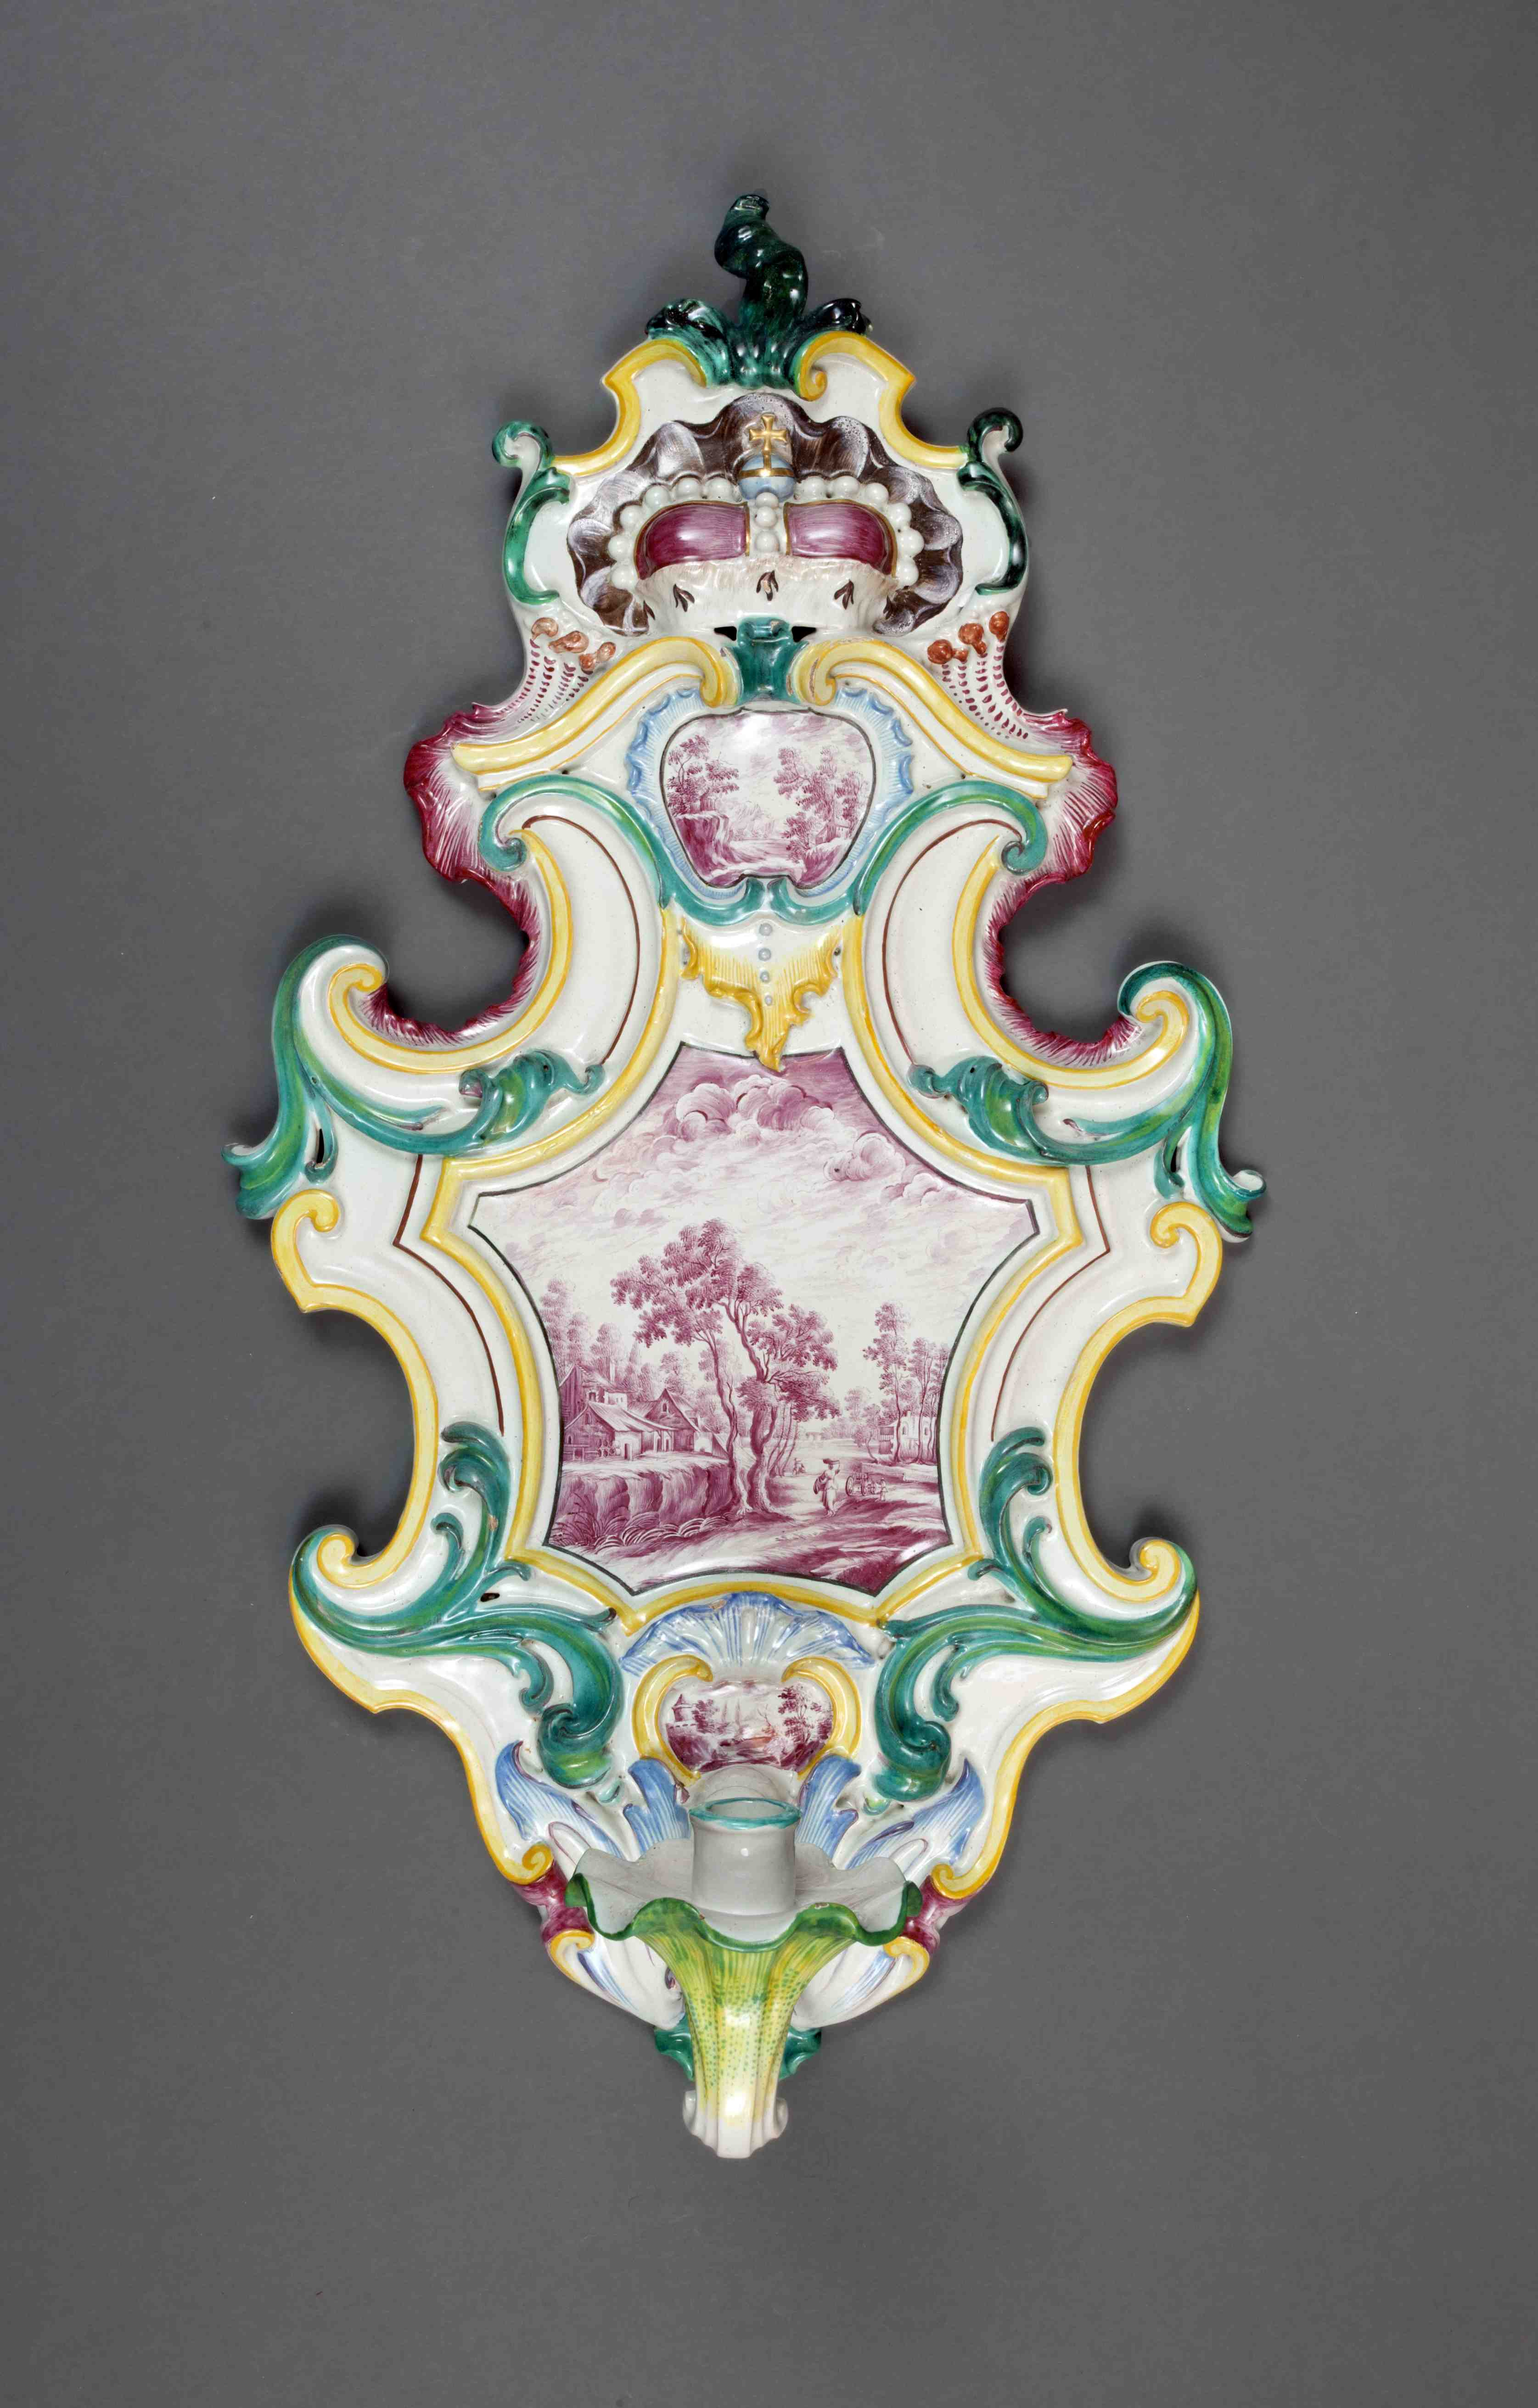 Applike aus Fulda, 1745, Sammlung Neuner (Foto: Christian Oberlander)